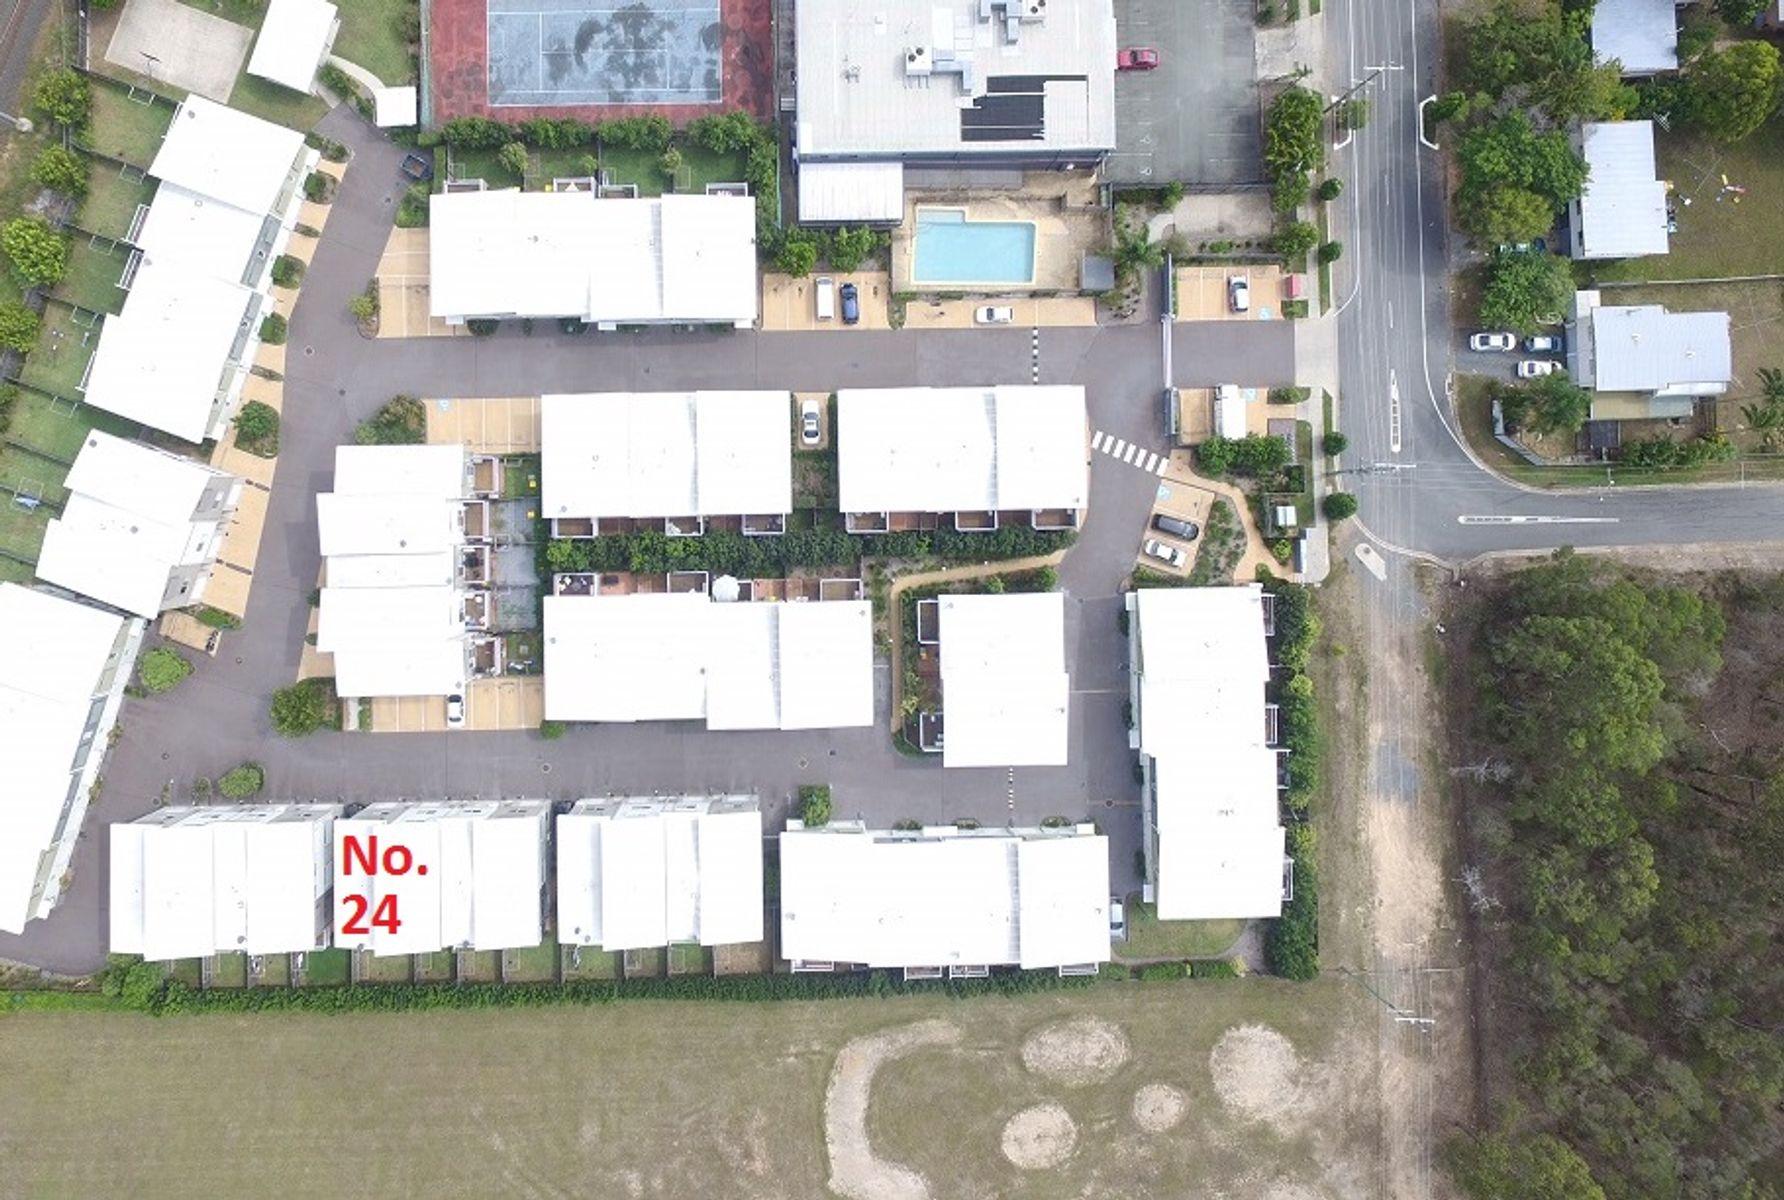 24/59-63 Mary Street, Kingston, QLD 4114